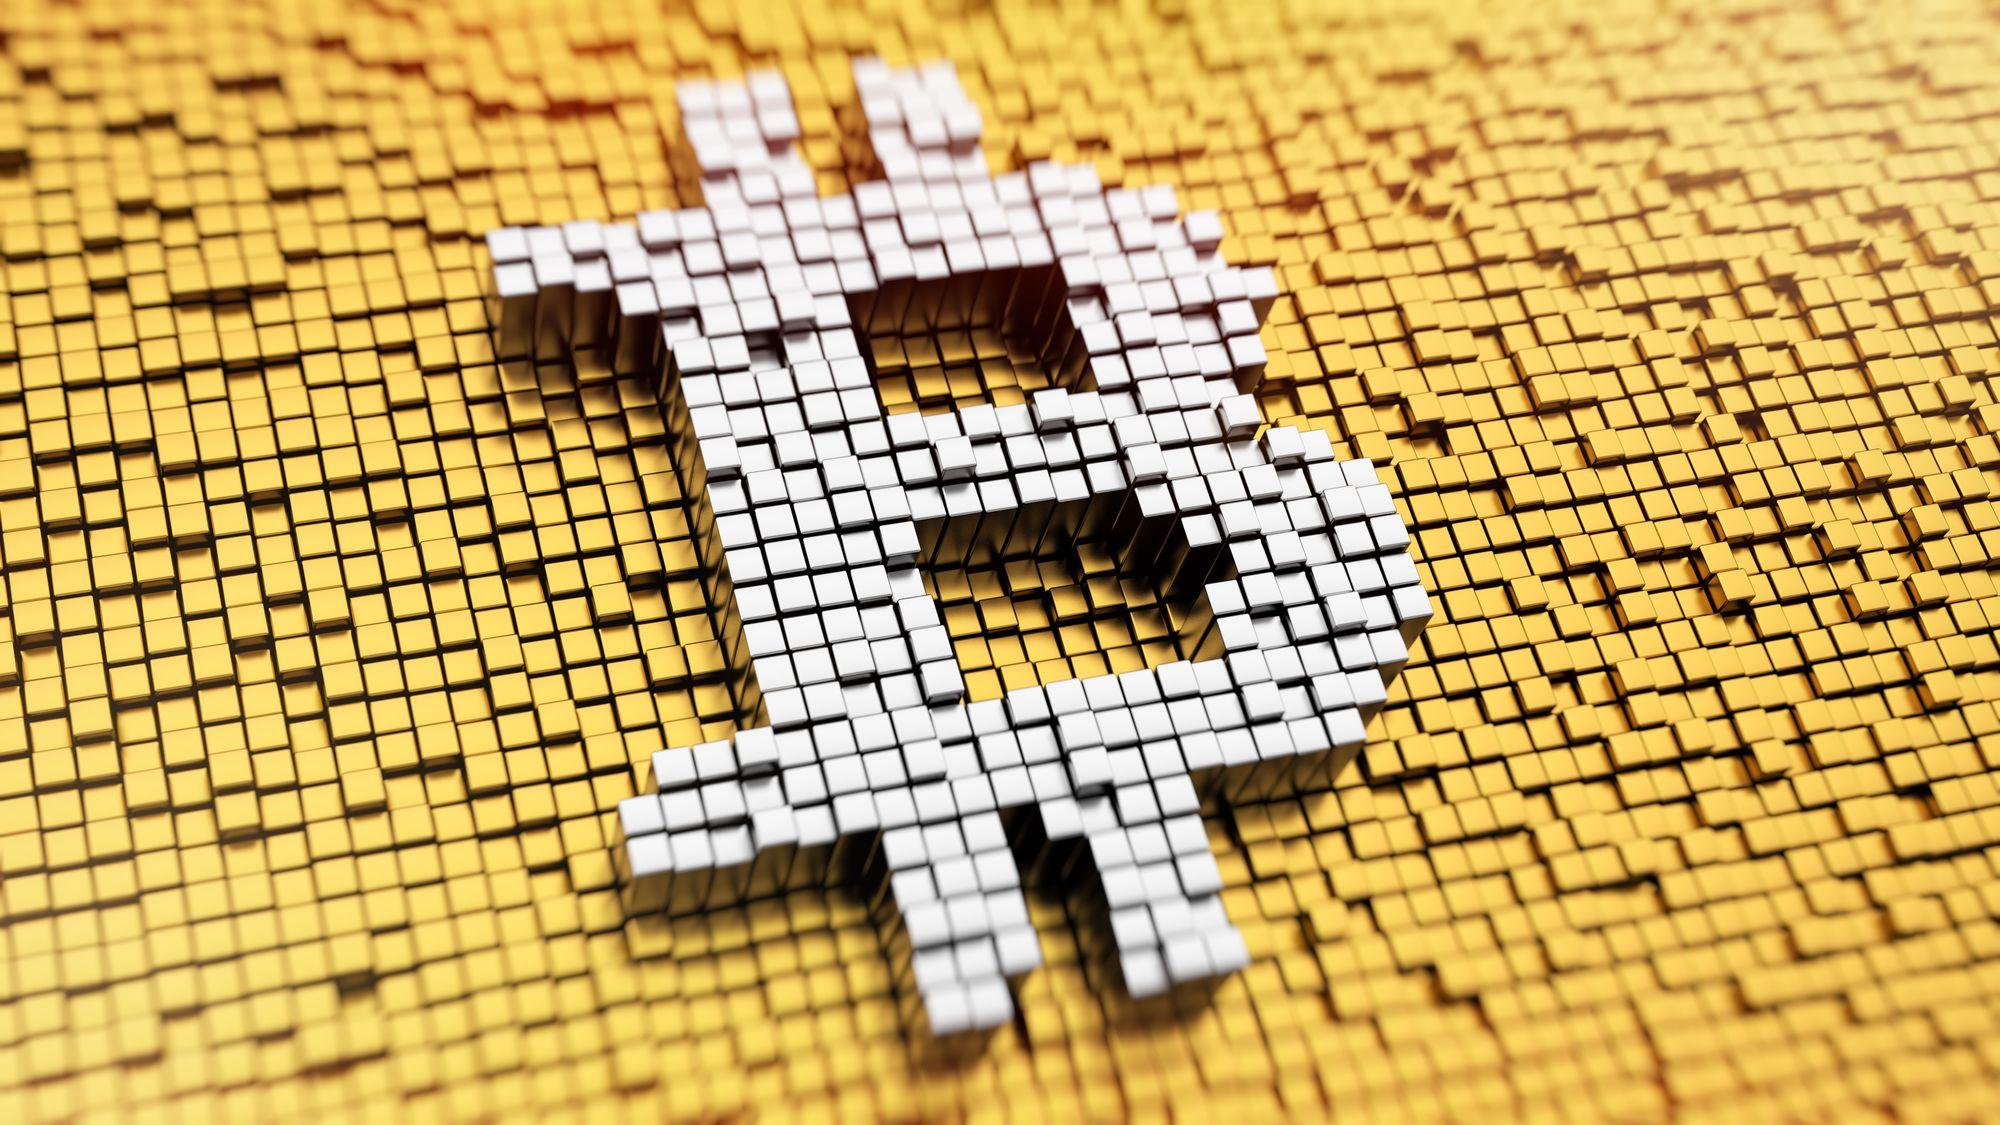 Біткоїн розбрату: видобування криптовалют і який стосунок до цього має СБУ?